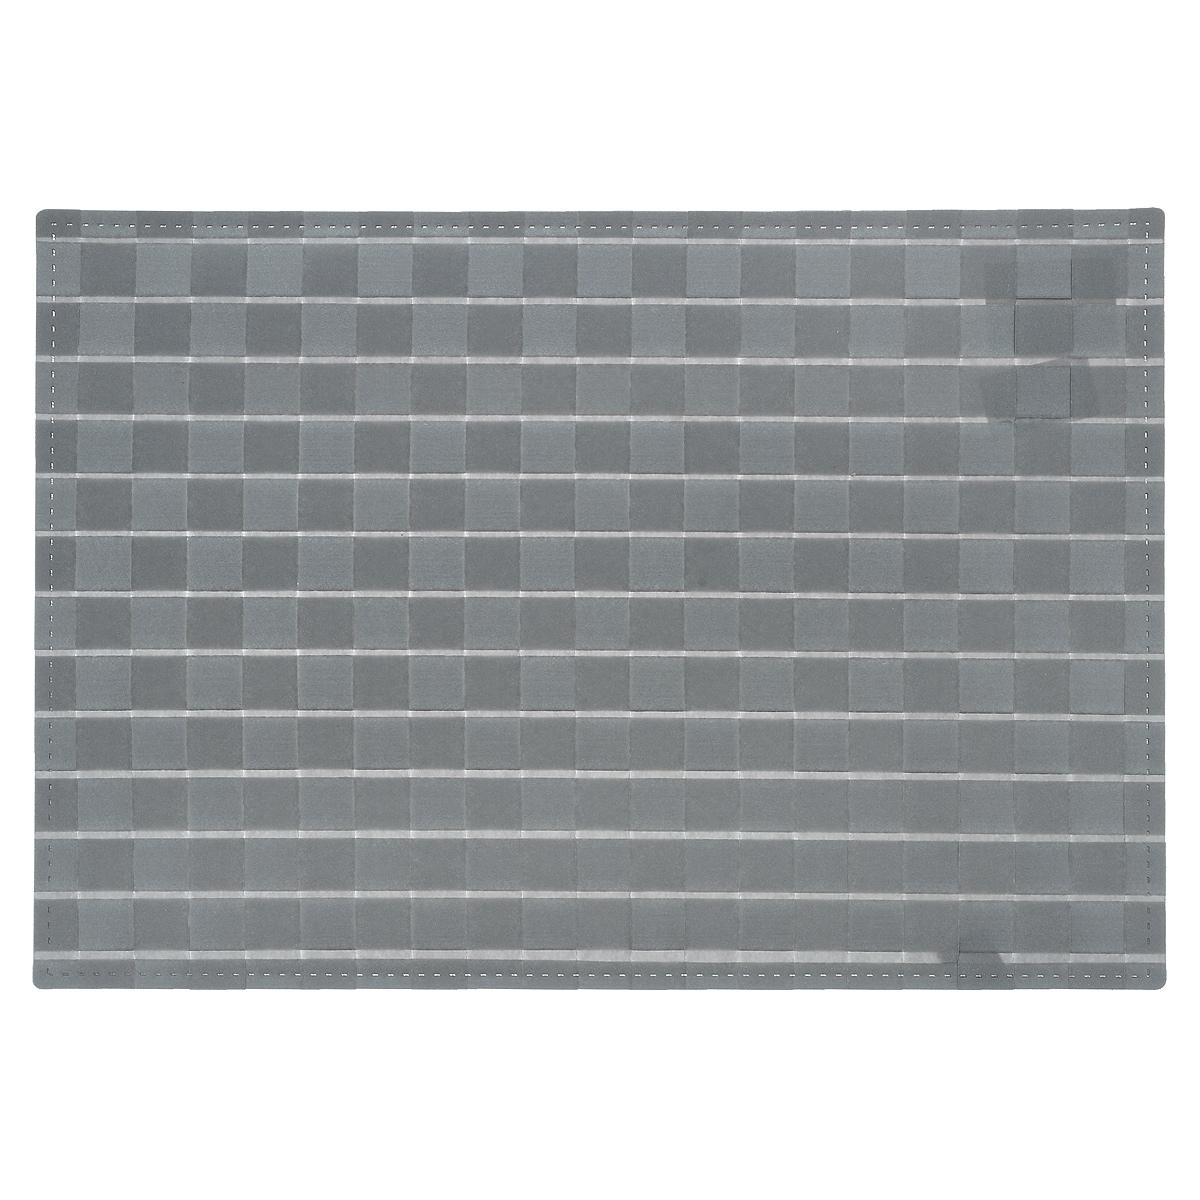 Подставка под горячее Hans & Gretchen, цвет: серый, 43,5 х 28,5 см. 28HZ-9042 подставка под горячее togas андре цвет синий серый 45 х 33 см